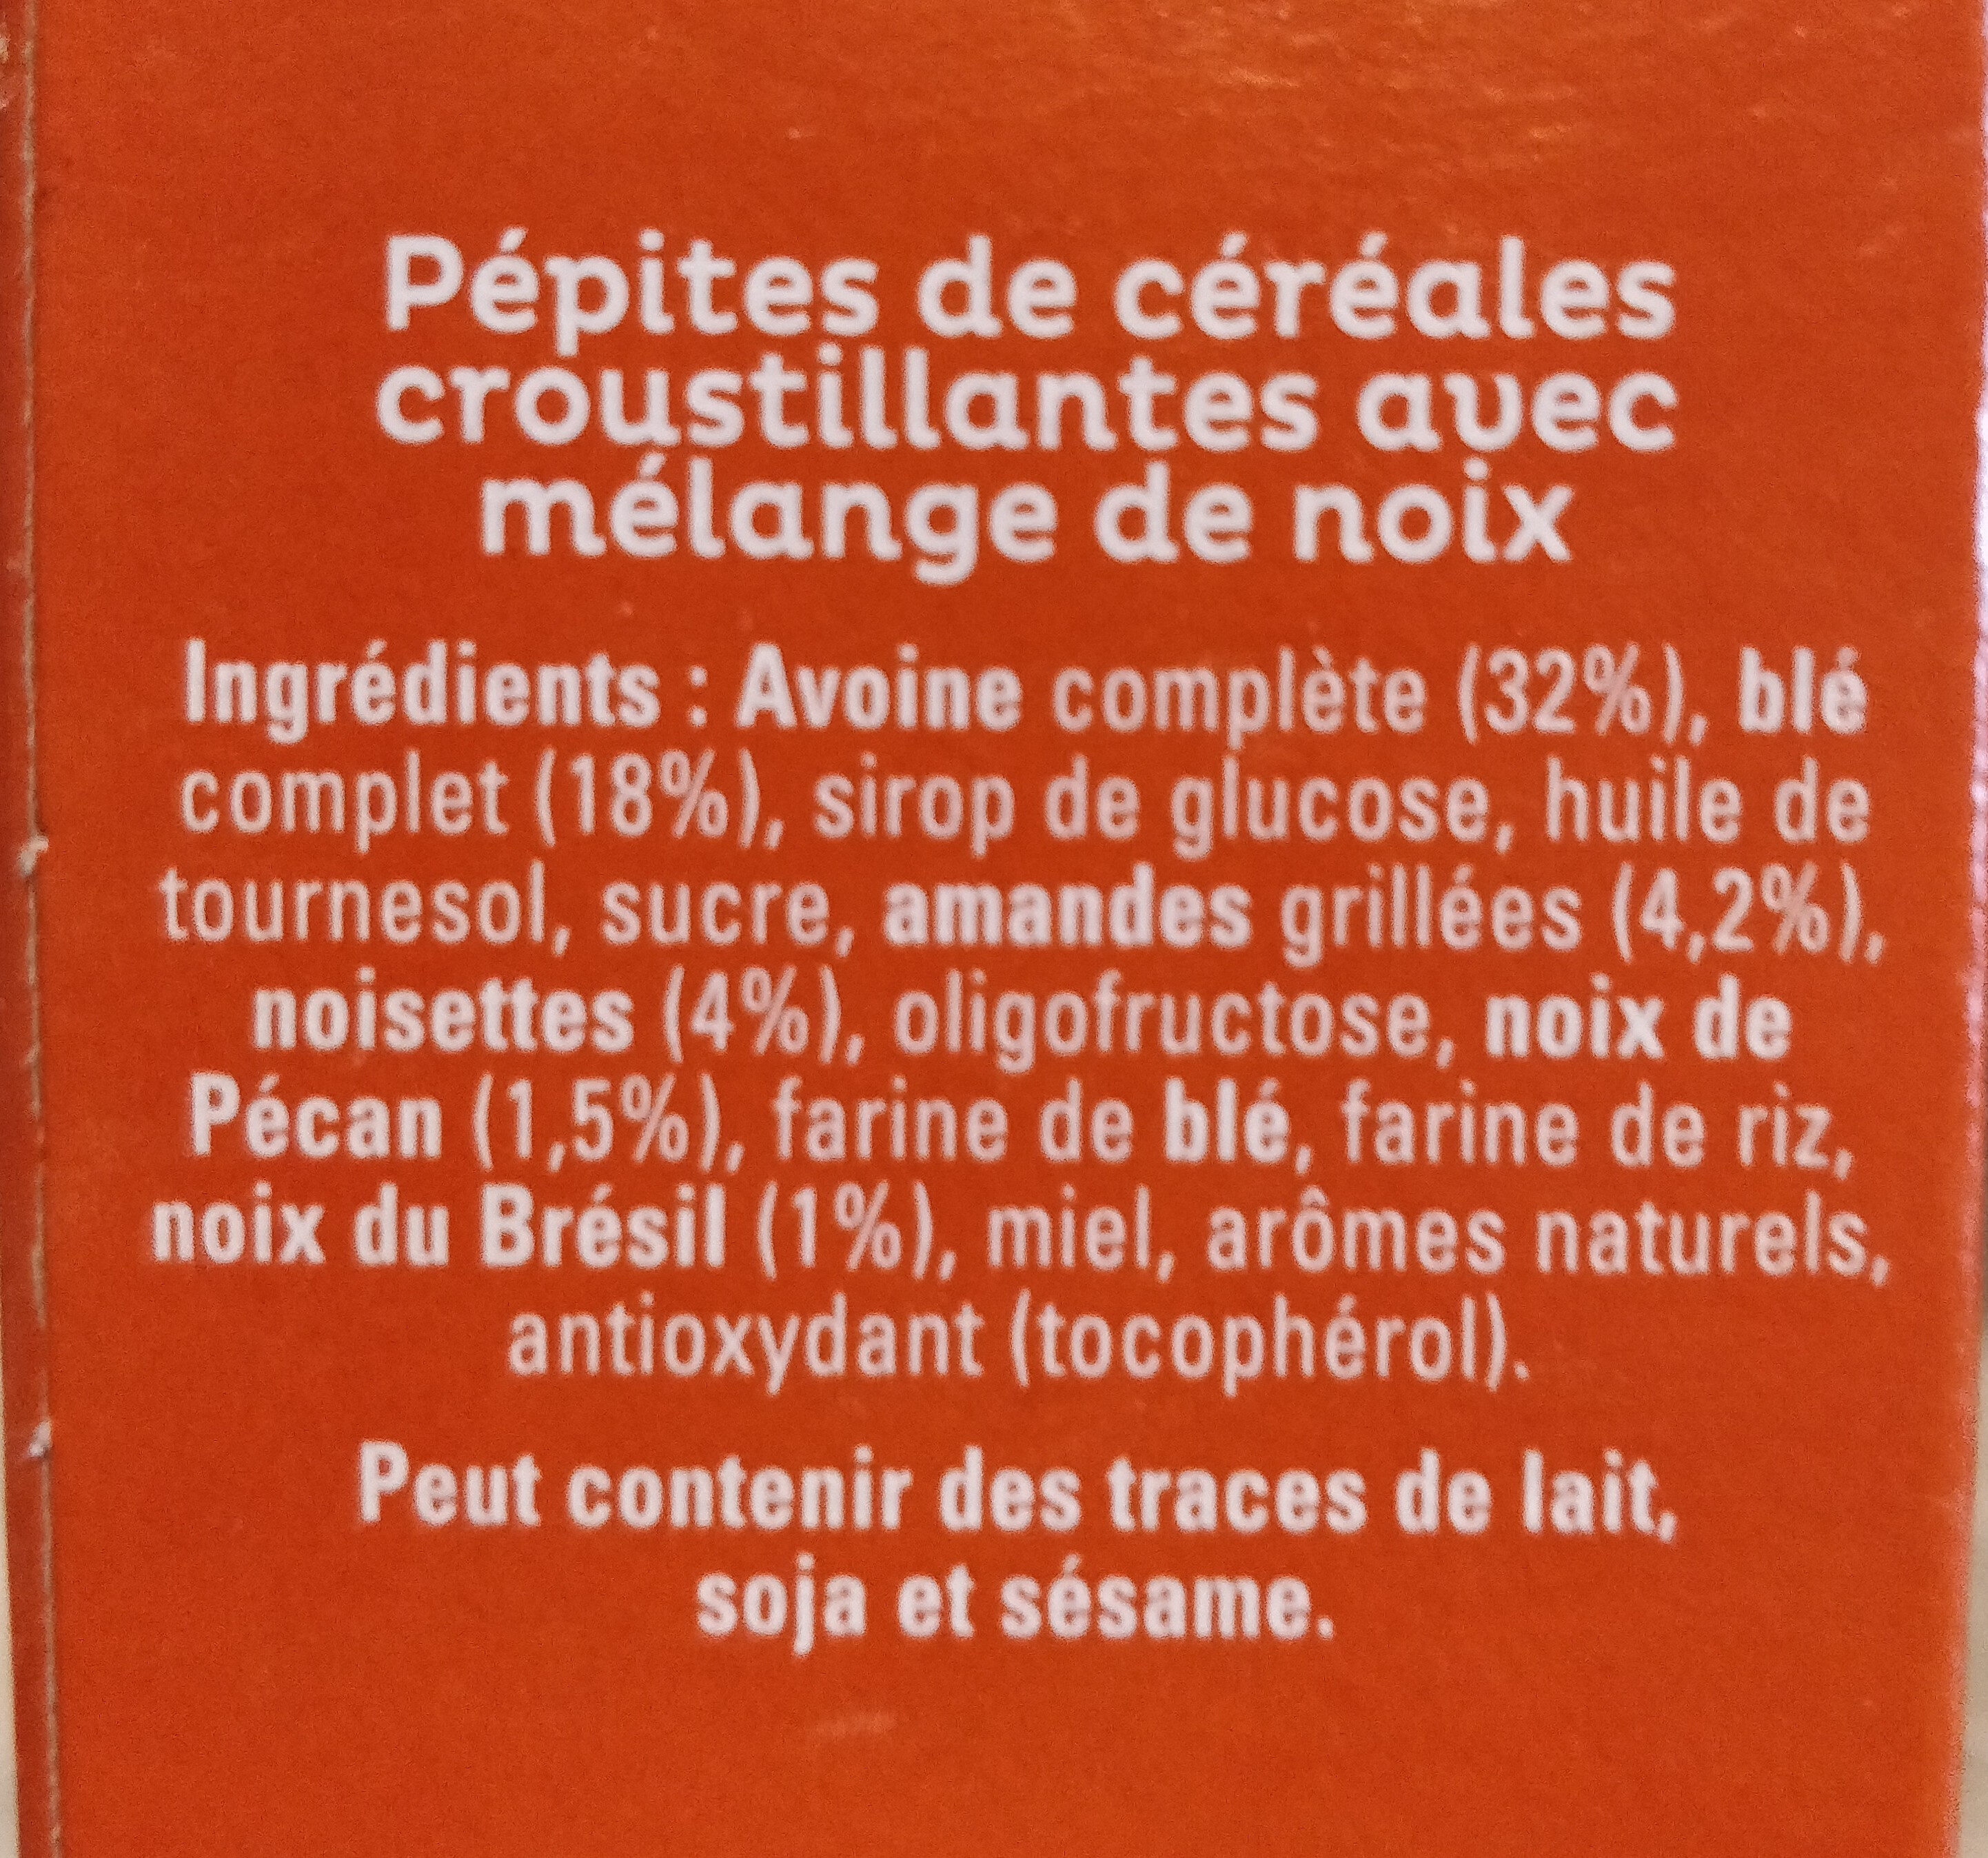 Cruesli Mélange de noix - Ingrediënten - fr